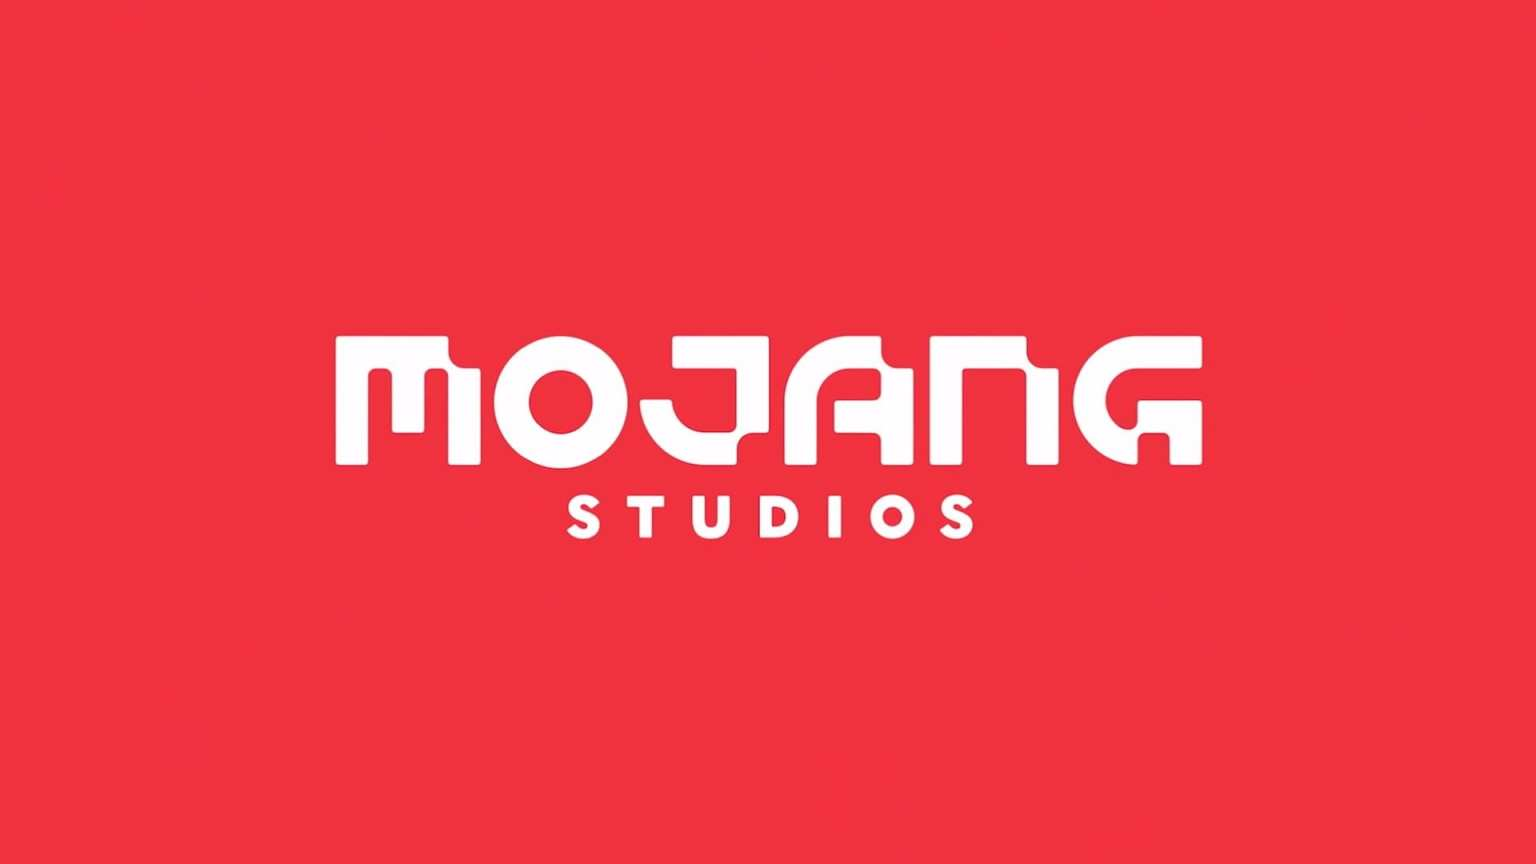 Un estudio de Xbox Game Studios revela su nuevo logo 2